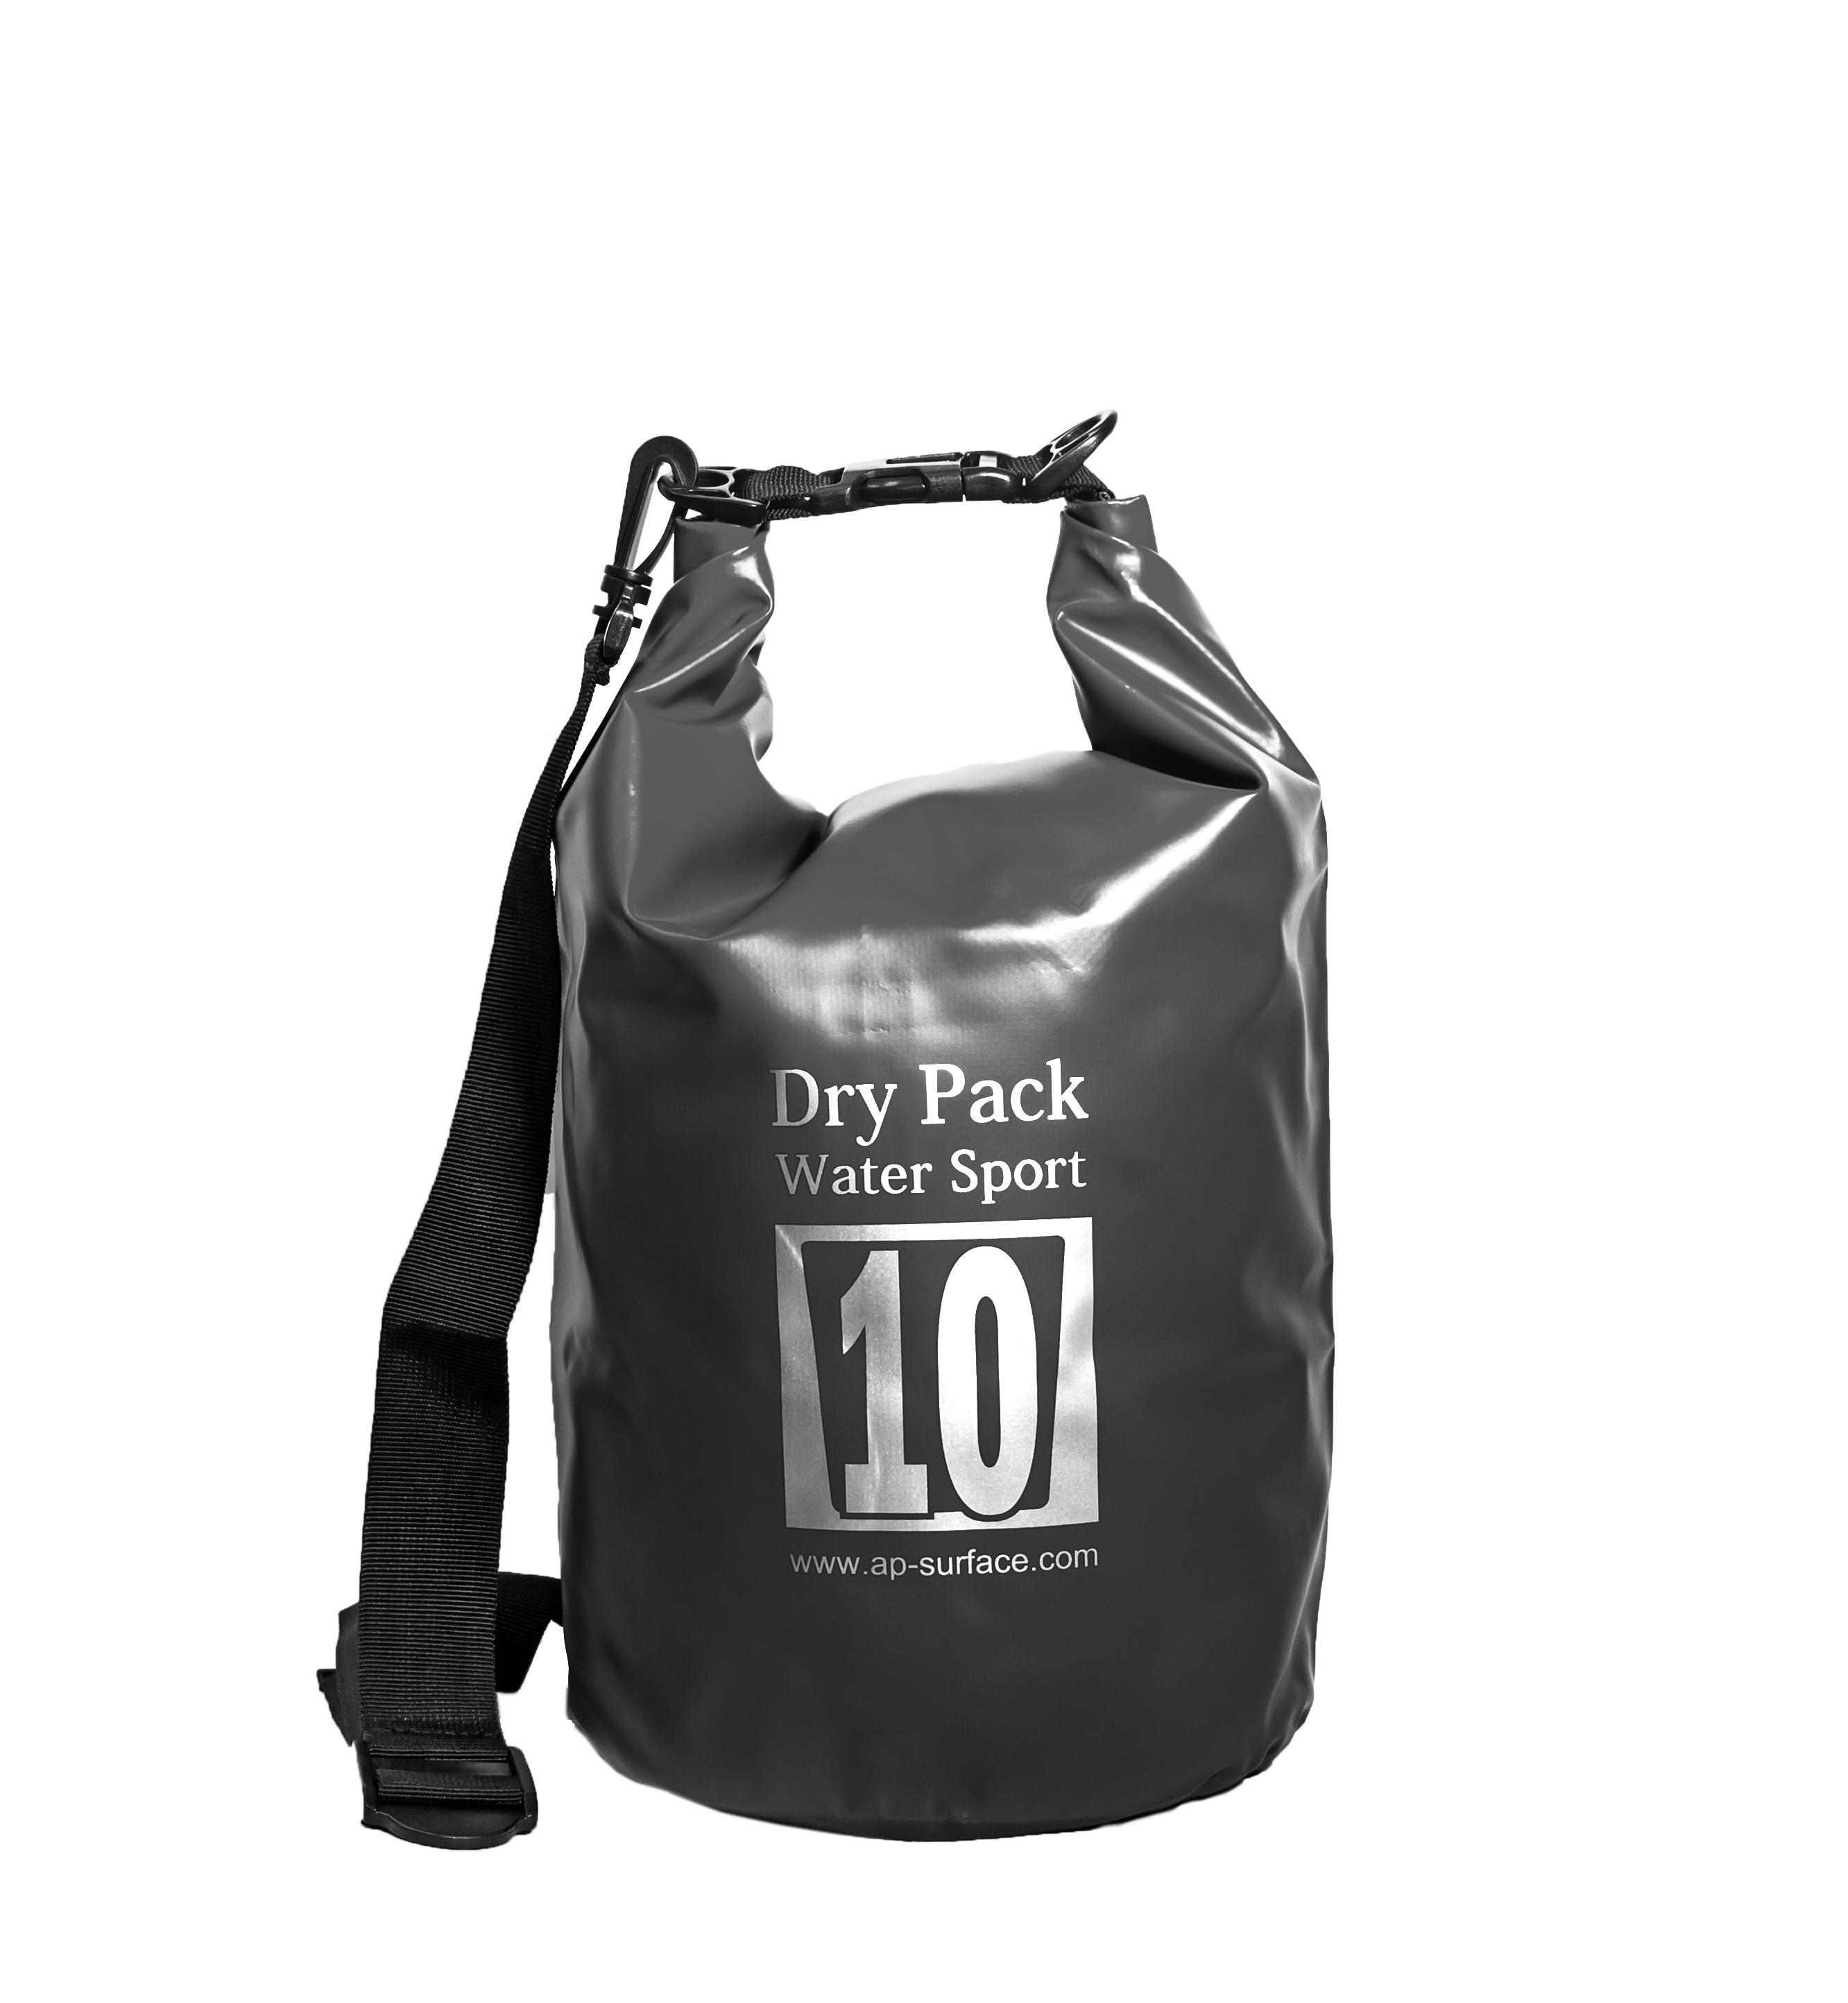 กระเป๋ากันน้ำ Dry pack 10L-สีดำ